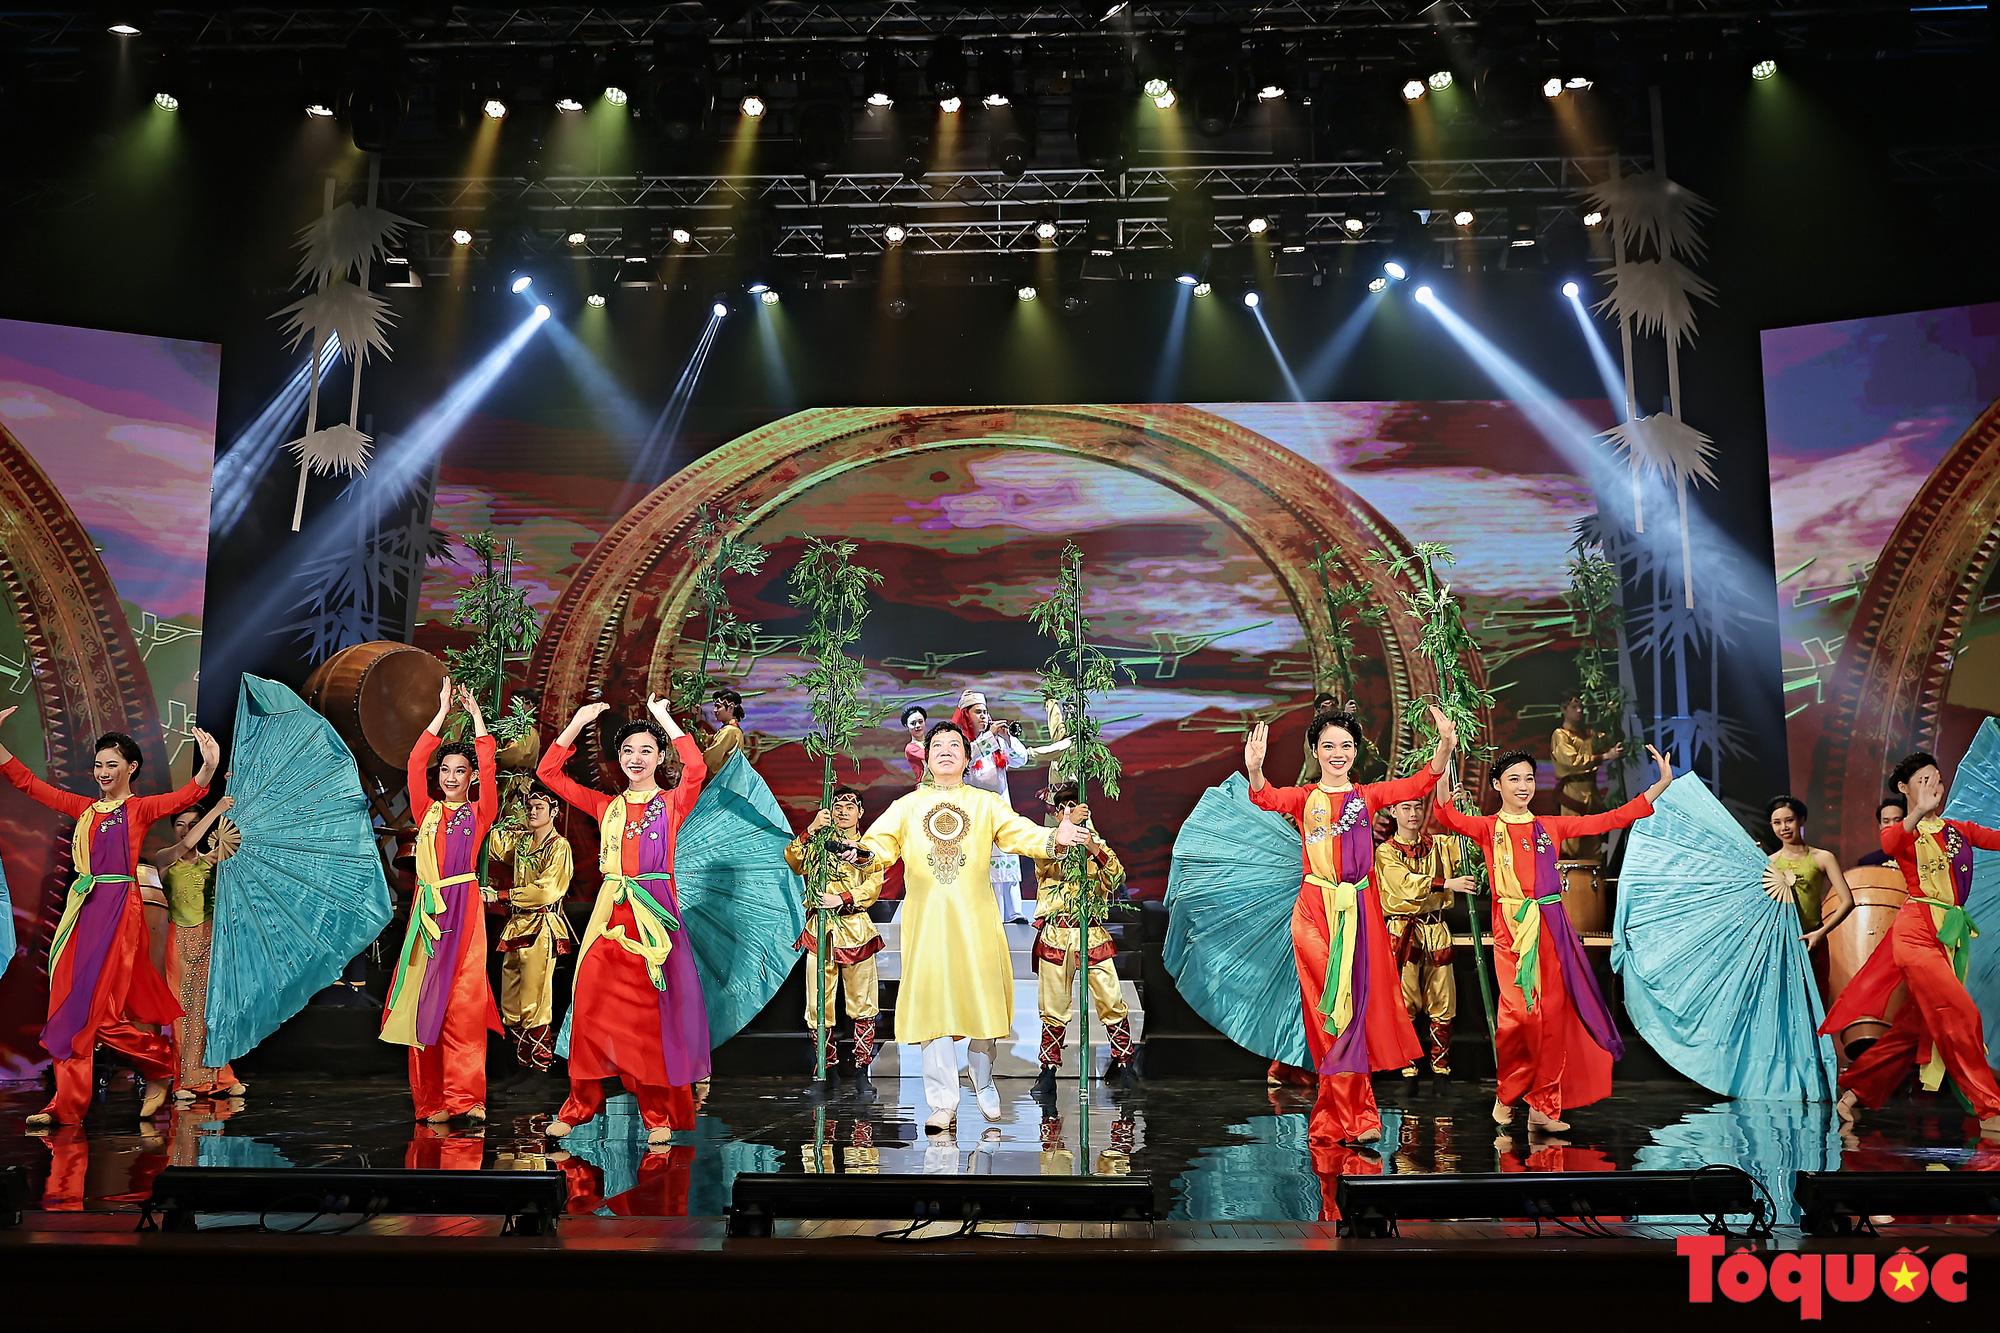 """Chương trình """"Giai điệu Việt"""": Món quà nghệ thuật đặc sắc của cộng đồng các dân tộc Việt Nam - Ảnh 12."""